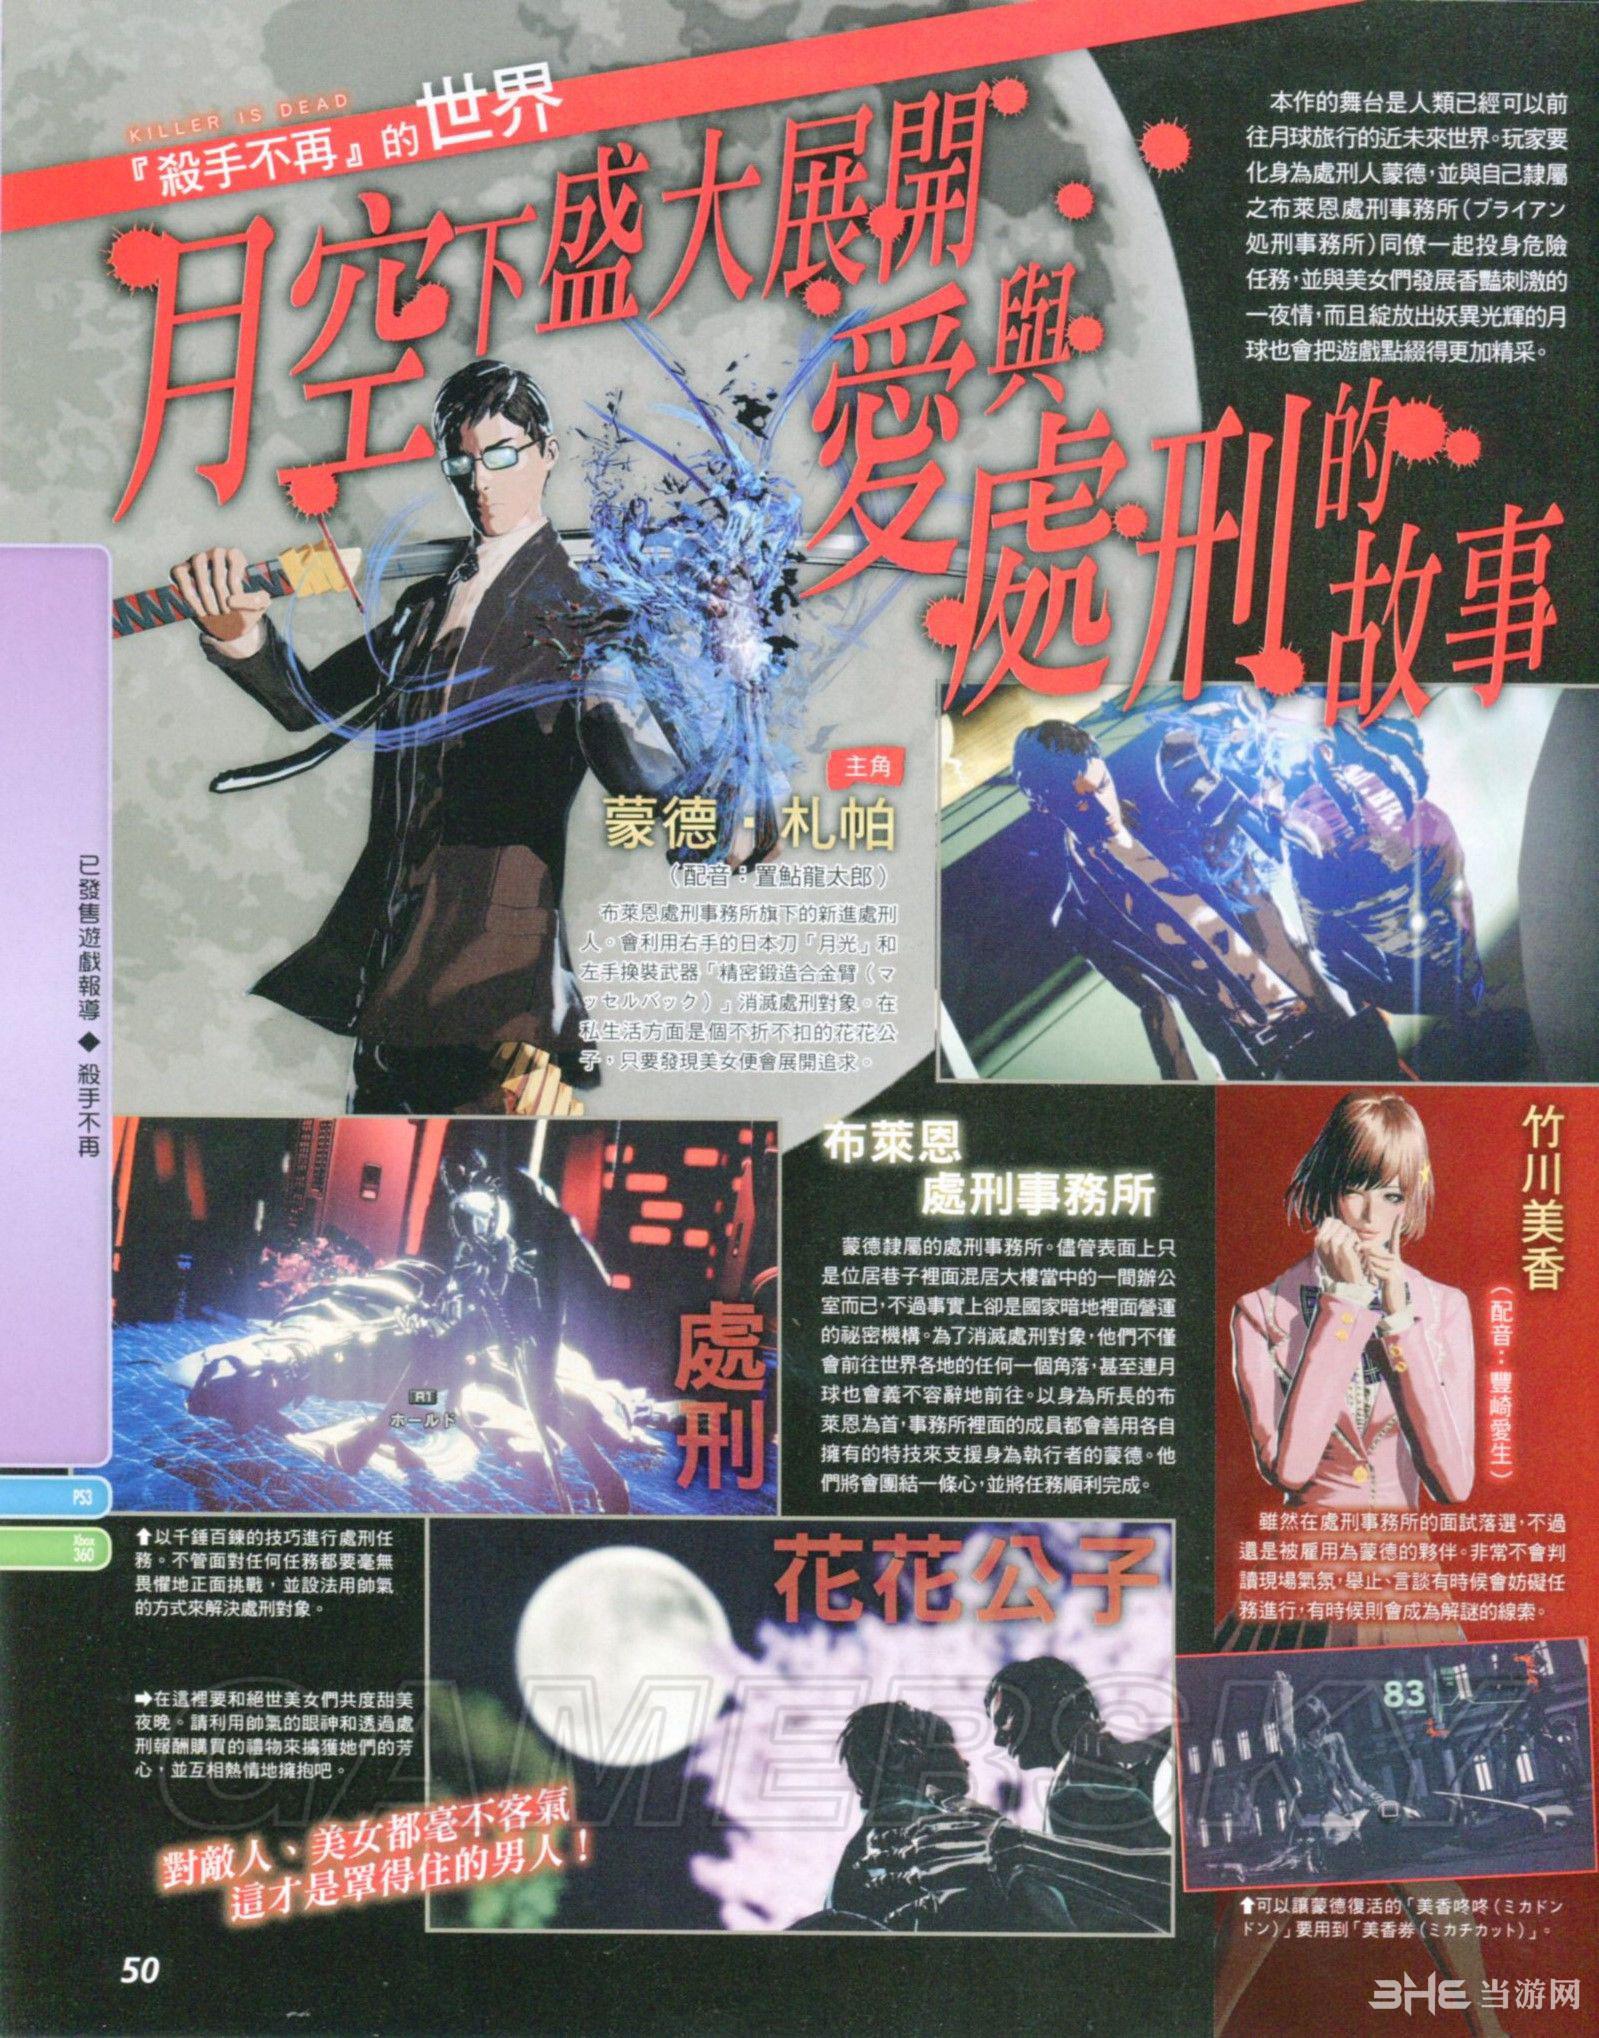 杀手已死最新中文杂志扫描图2